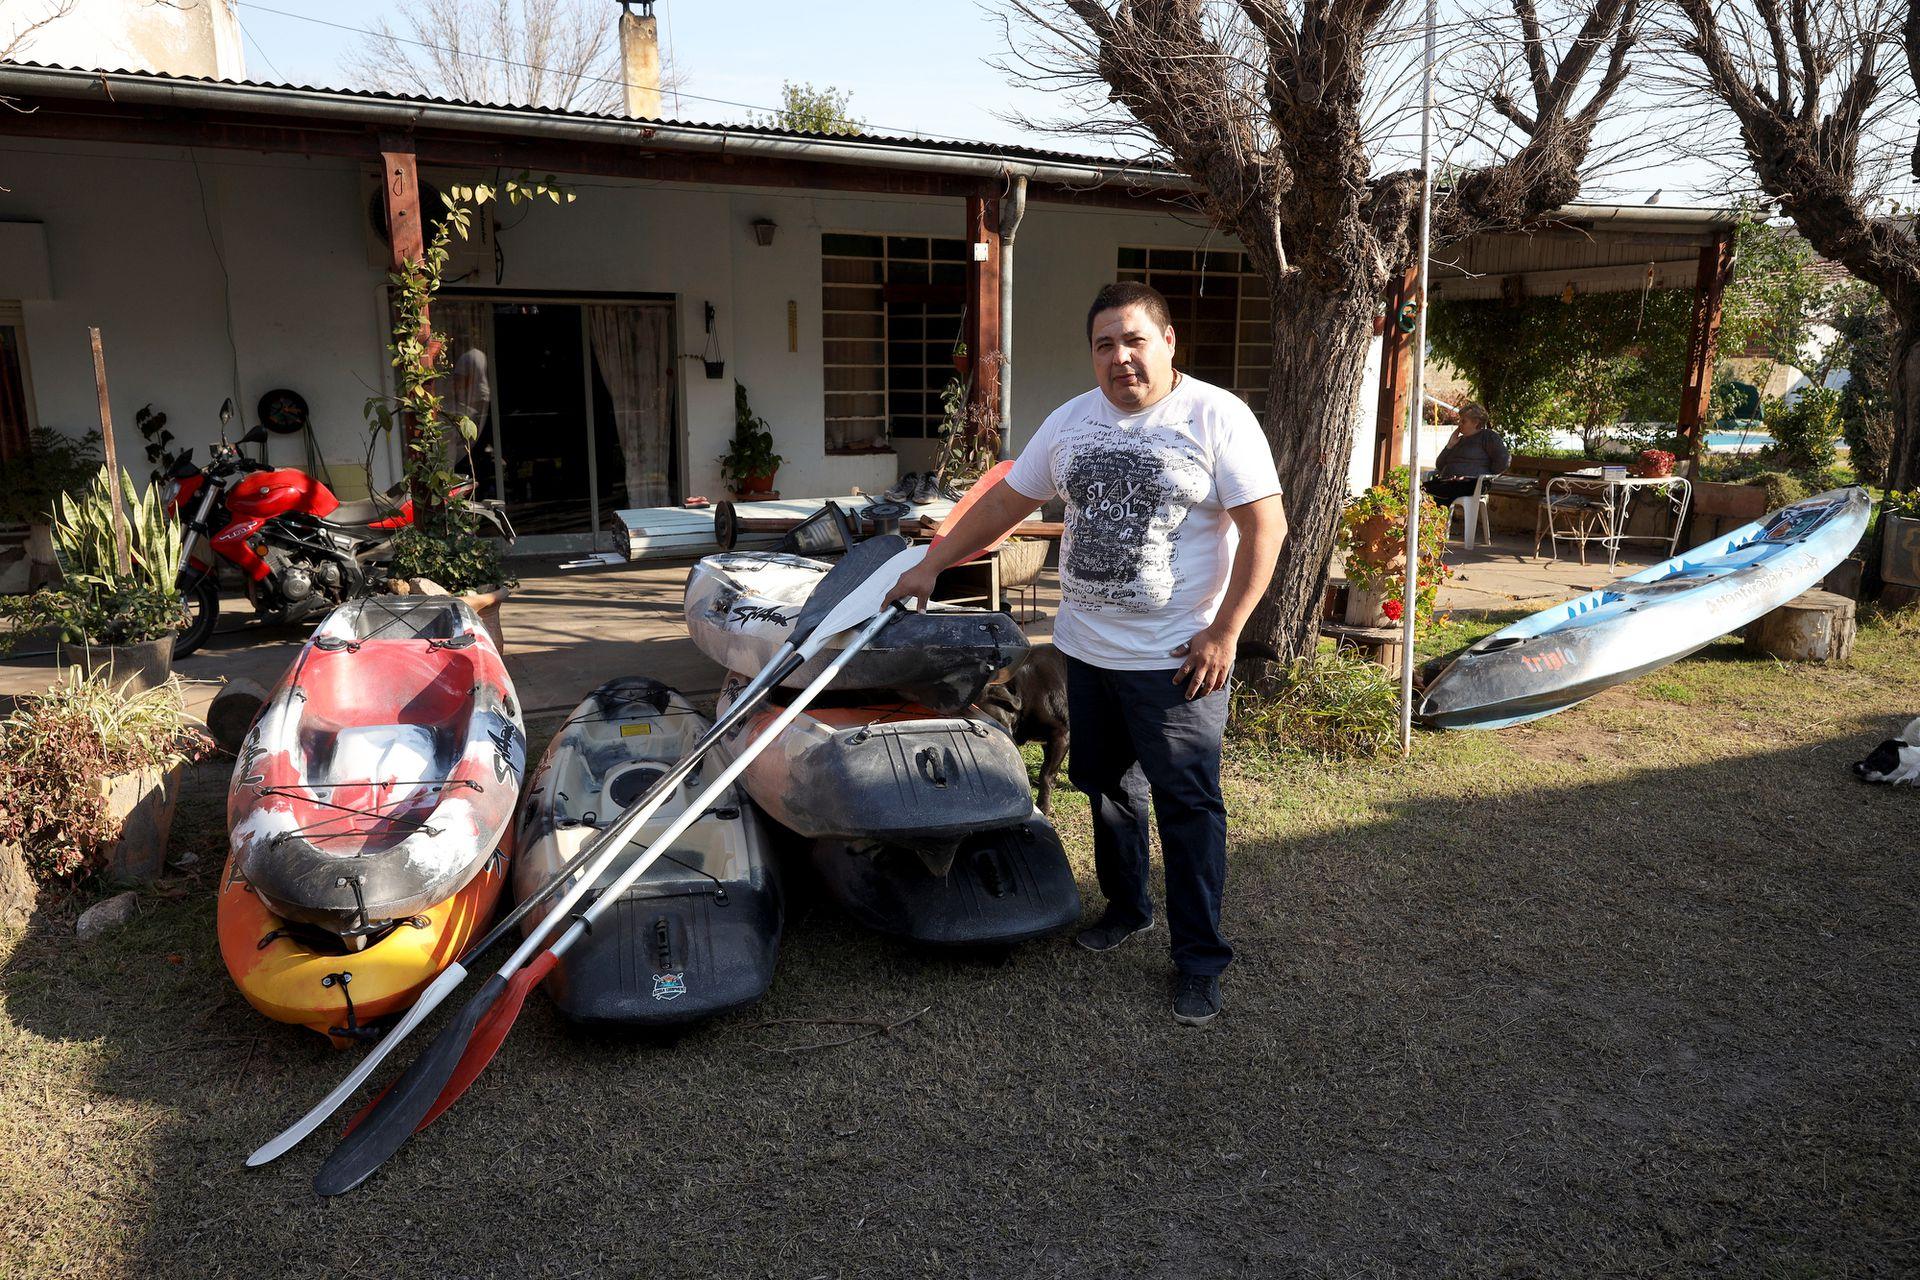 Raúl Sosa se vio favorecido por un préstamo municipal para comprar kayaks que usa en primavera y verano para hacer recorridos turísticos con acampe en el curso de agua más cercano